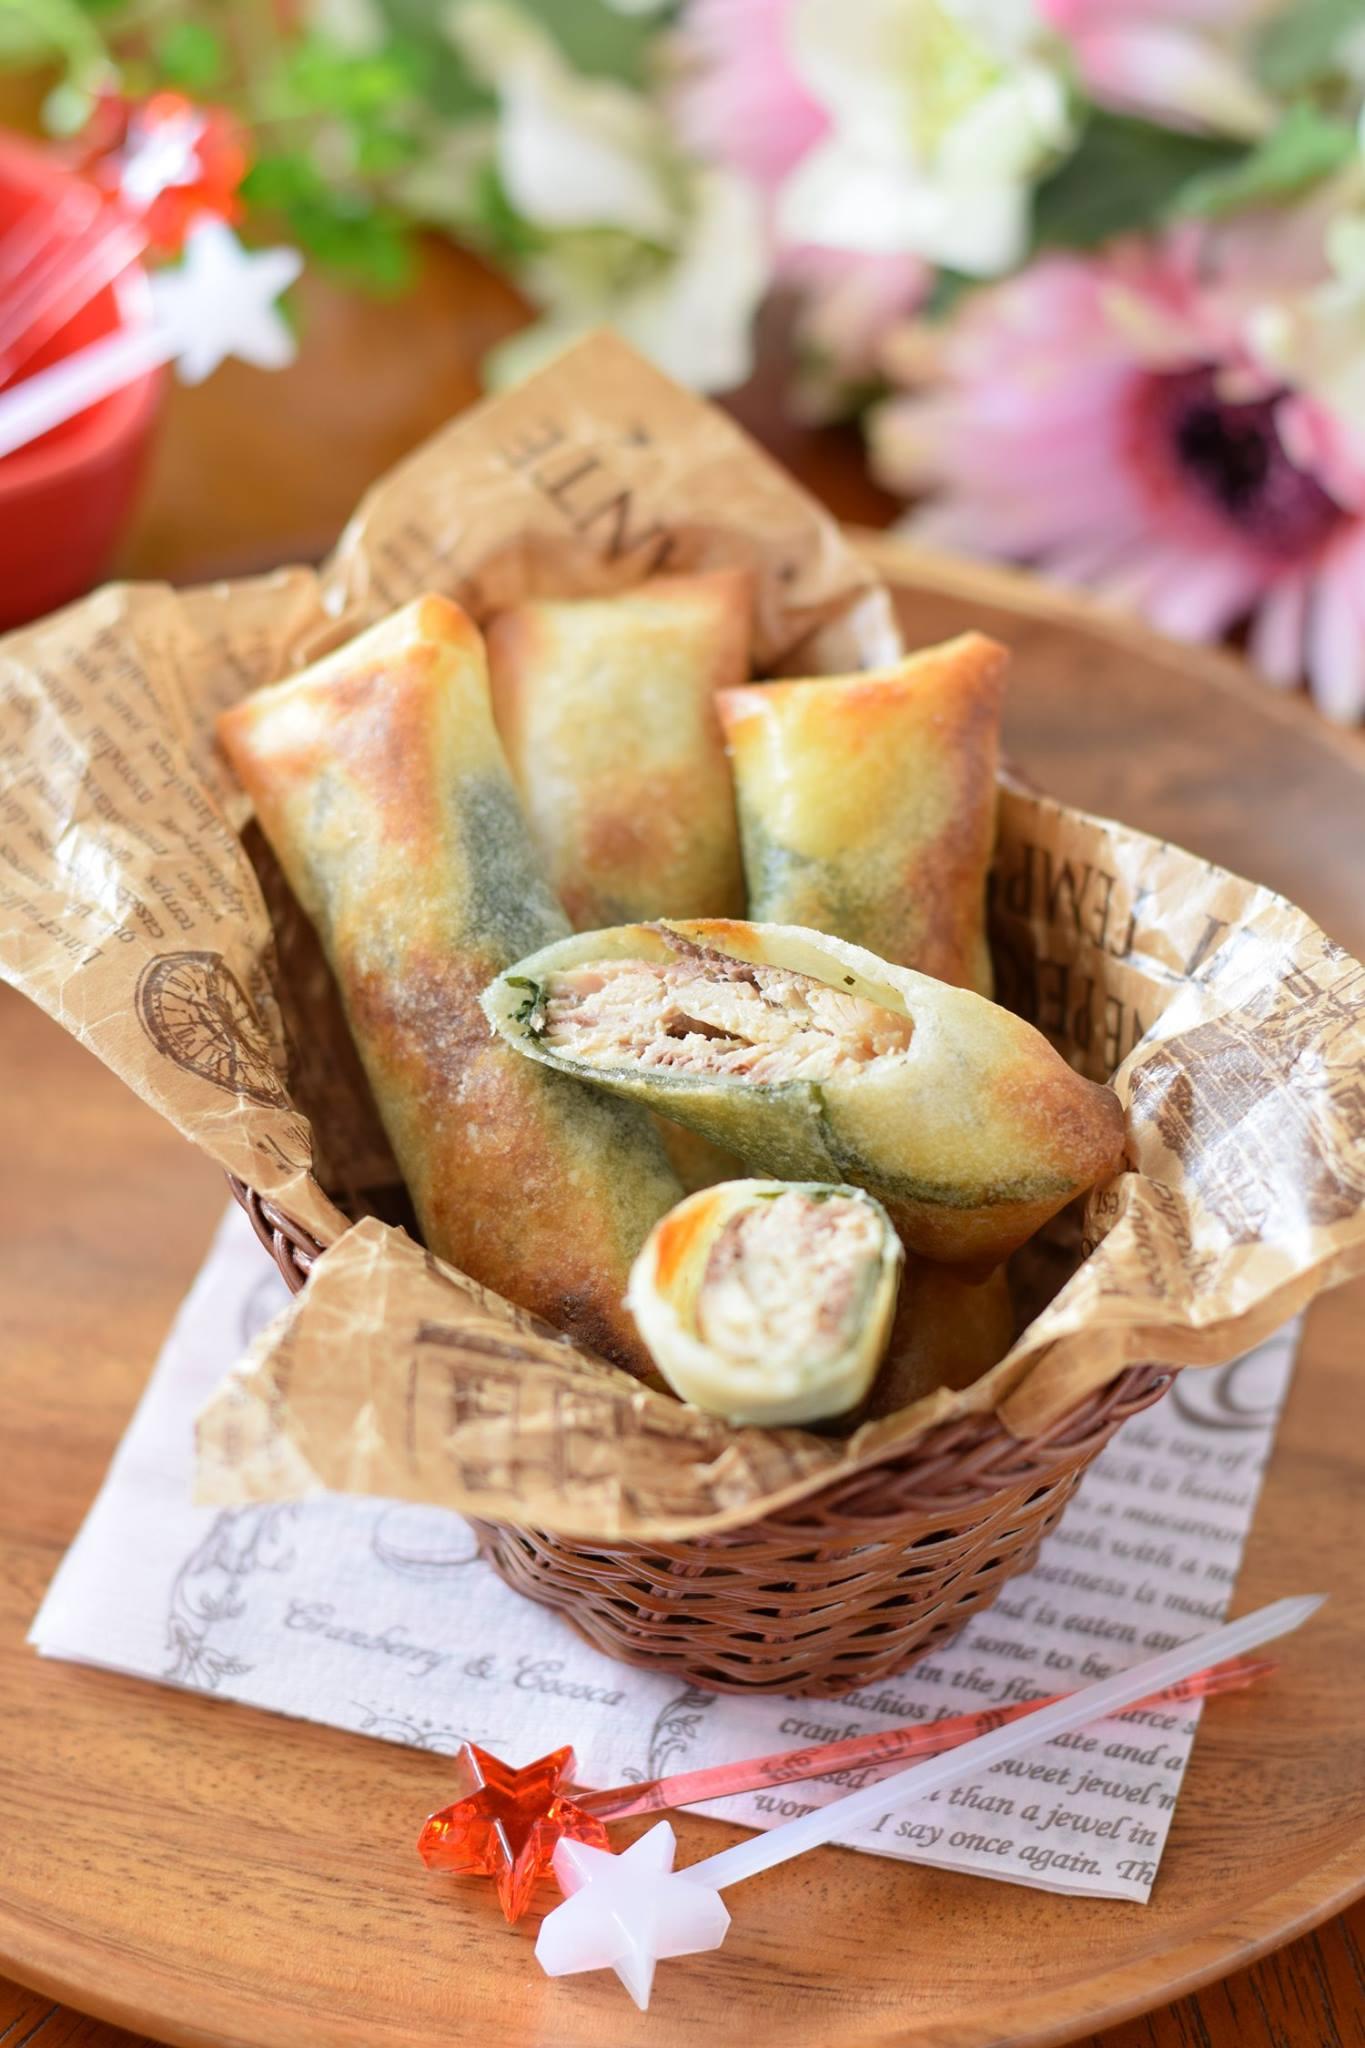 「オイルサーディンの大葉チーズ春巻き」 第1回 アスリートフードレシピコンテスト「テーマ補食」 優秀賞作品